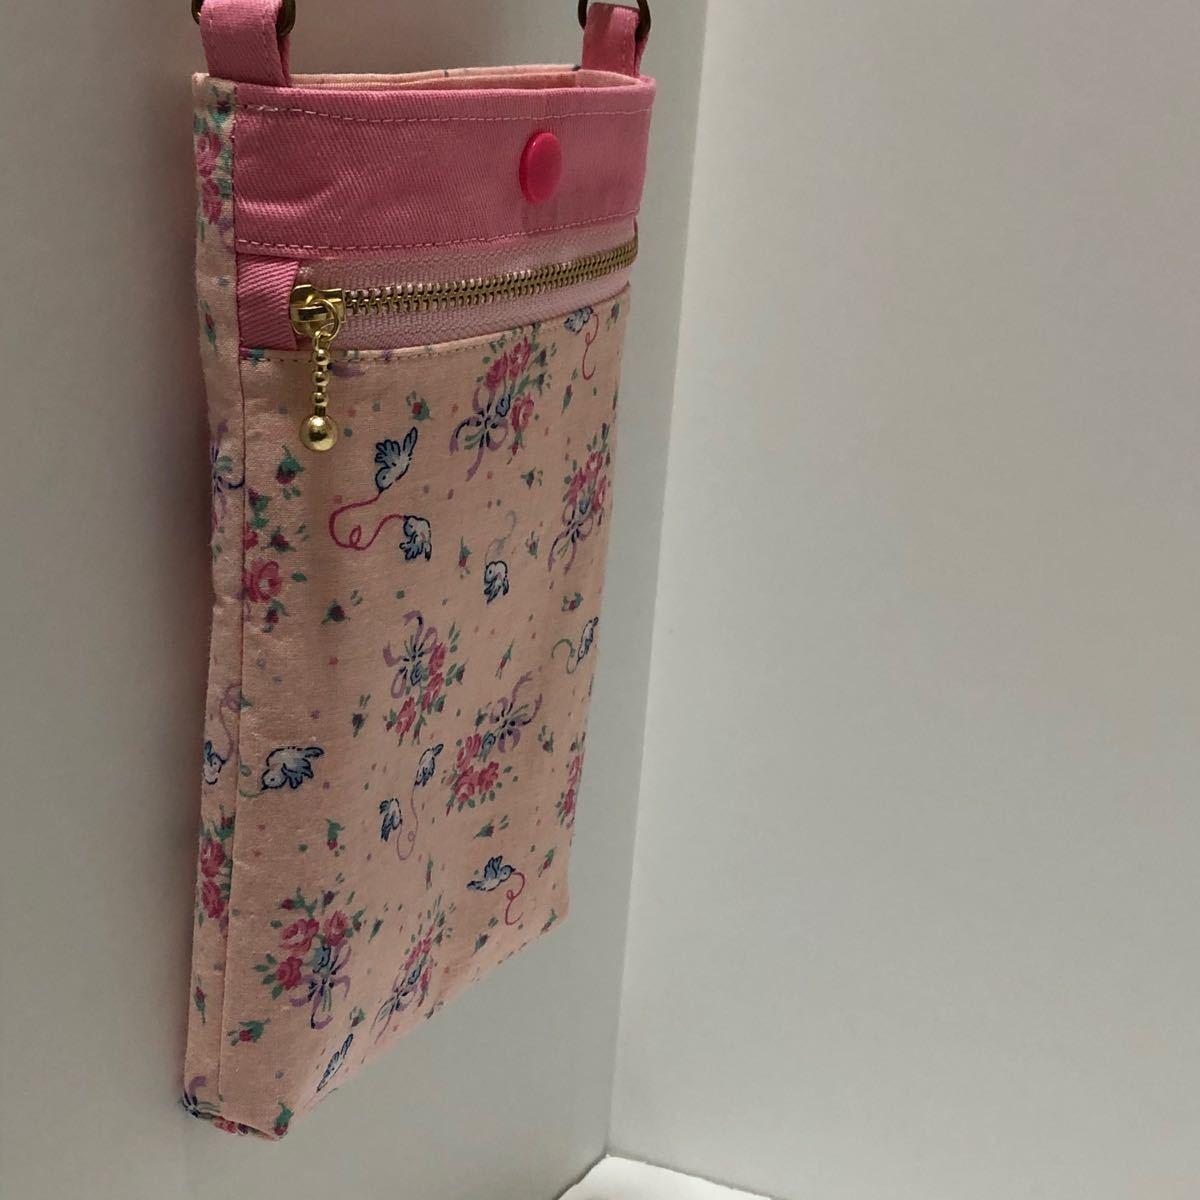 ハンドメイド スマホポーチ 花柄 ピンク